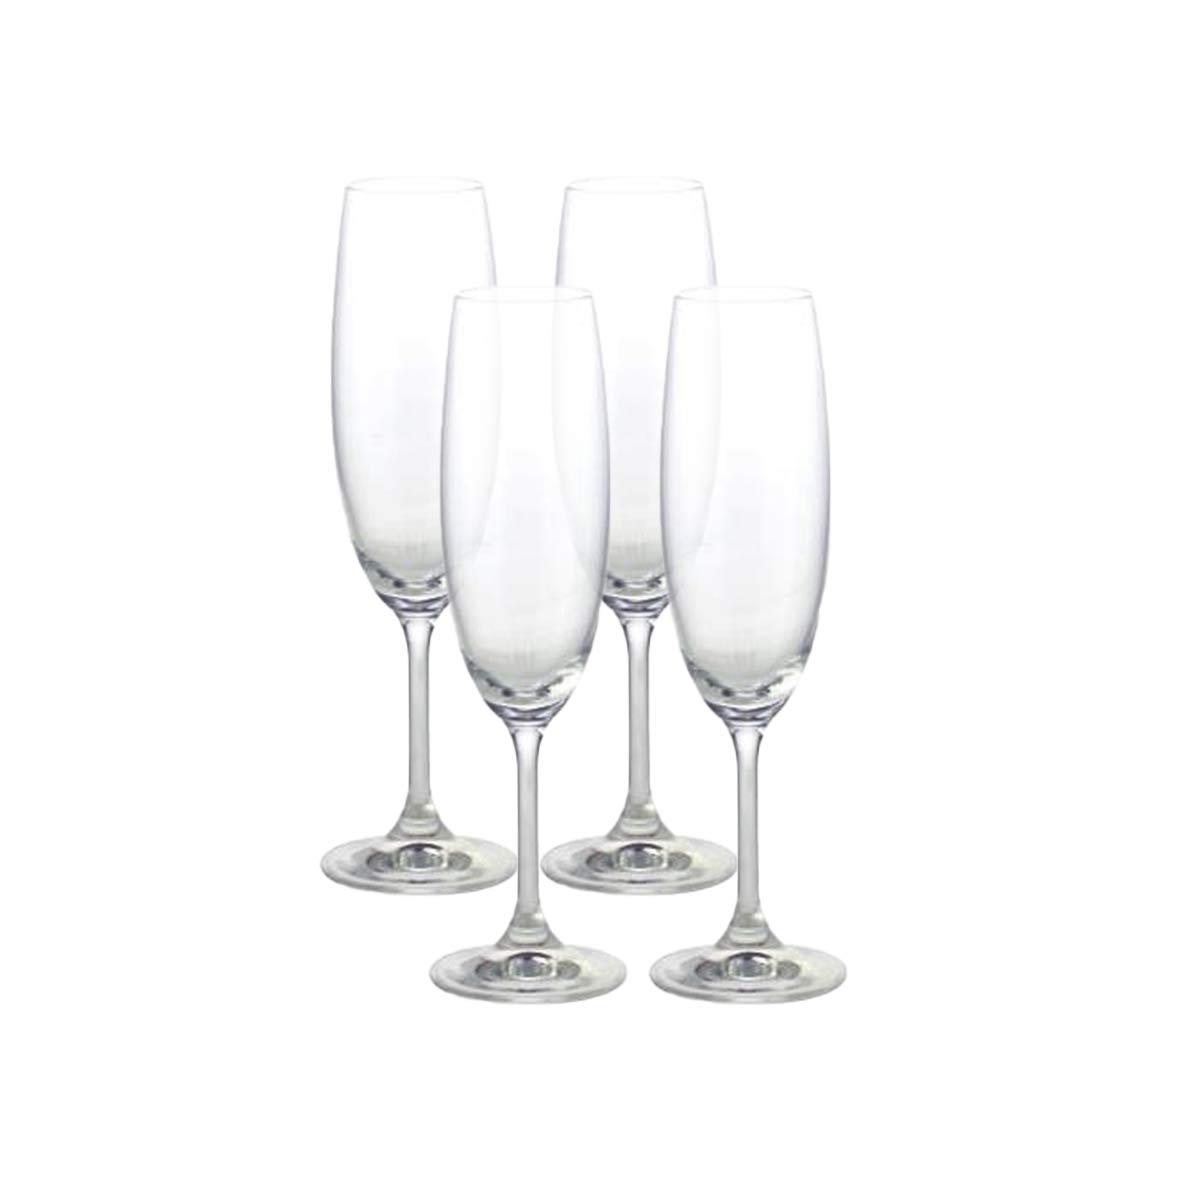 Jogo 4 Taça para Degustação Champagne de Cristal Ecológico 220 ml  - Lemis